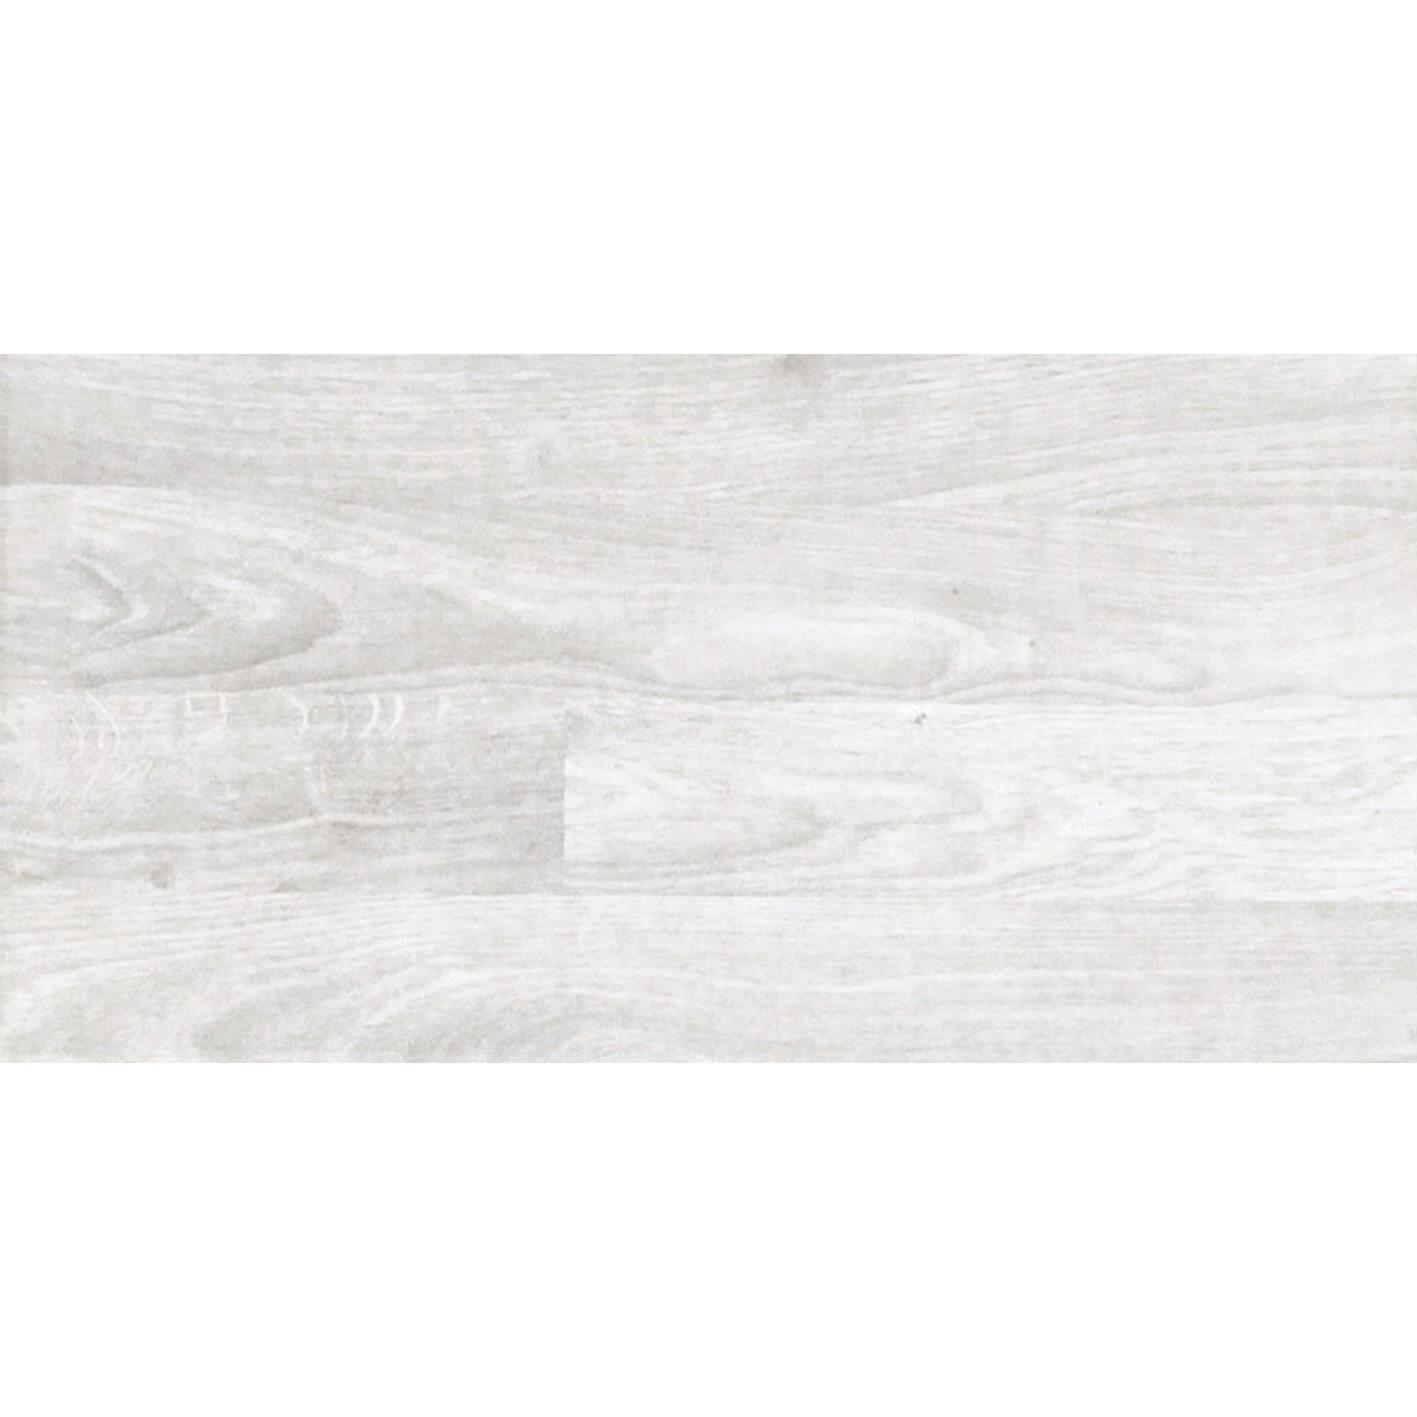 Piastrella Otta 30.8 x 61.5 cm sp. 8 mm PEI 4/5 bianco - 2